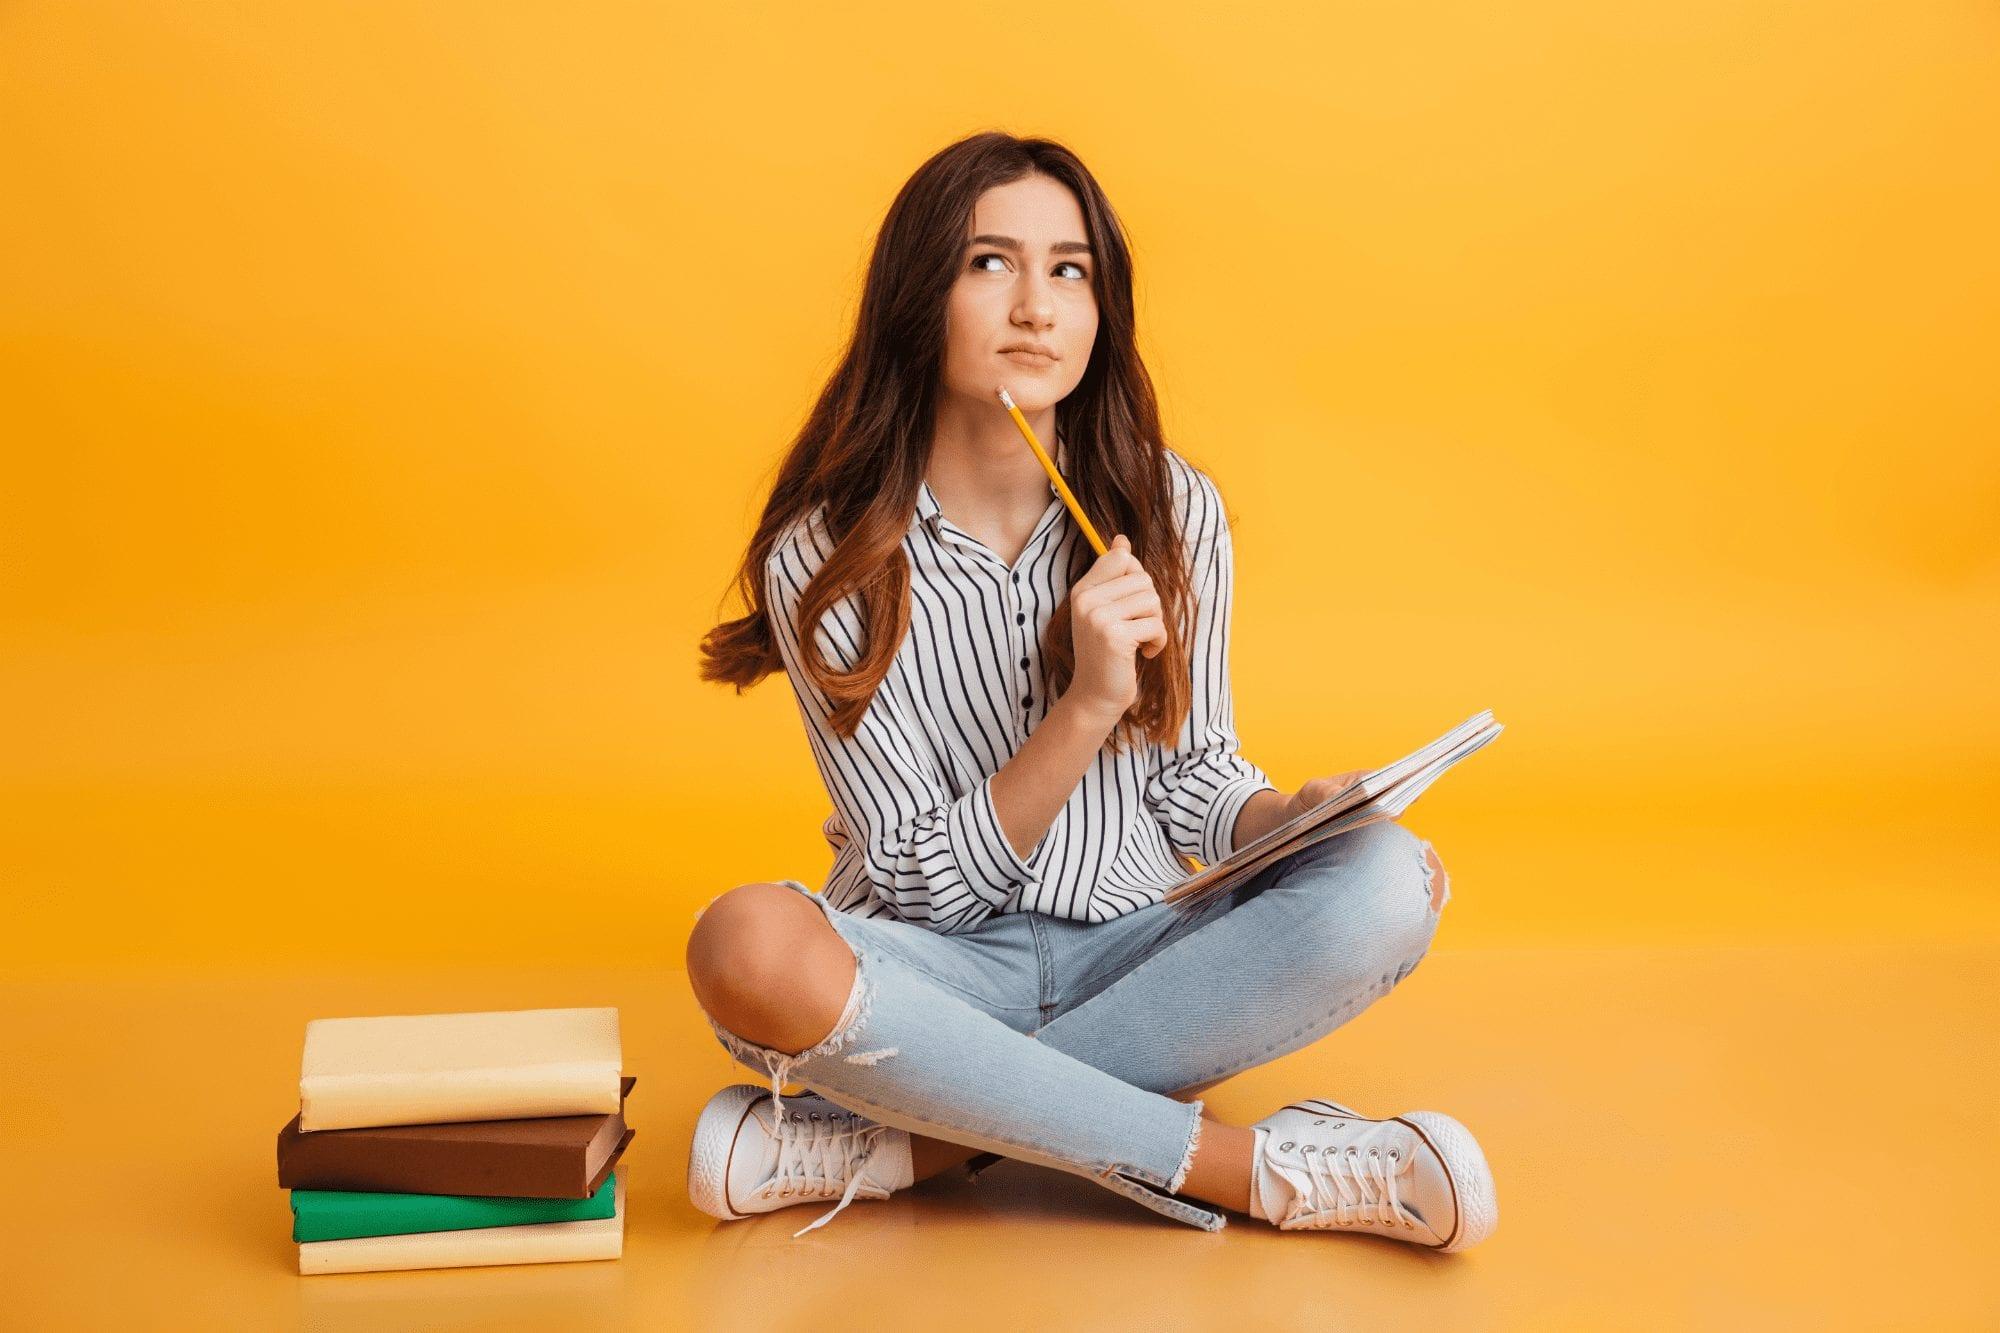 Préstamos Estudiantiles – Ventajas y Desventajas